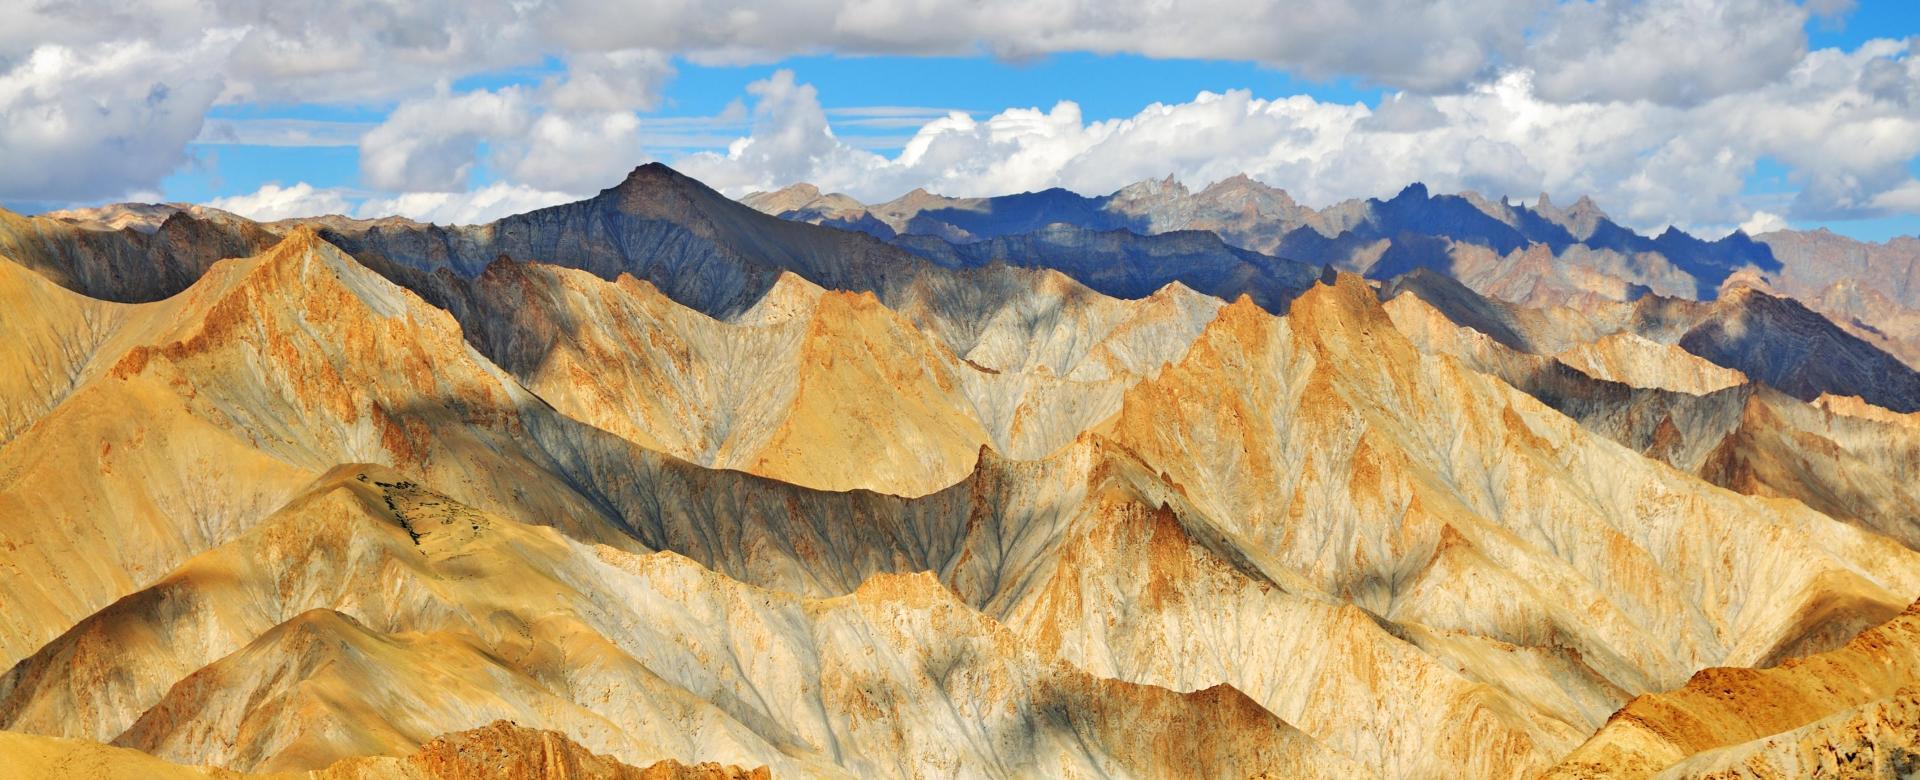 Voyage à pied Inde : Petit tibet et trek de la vallée de markha